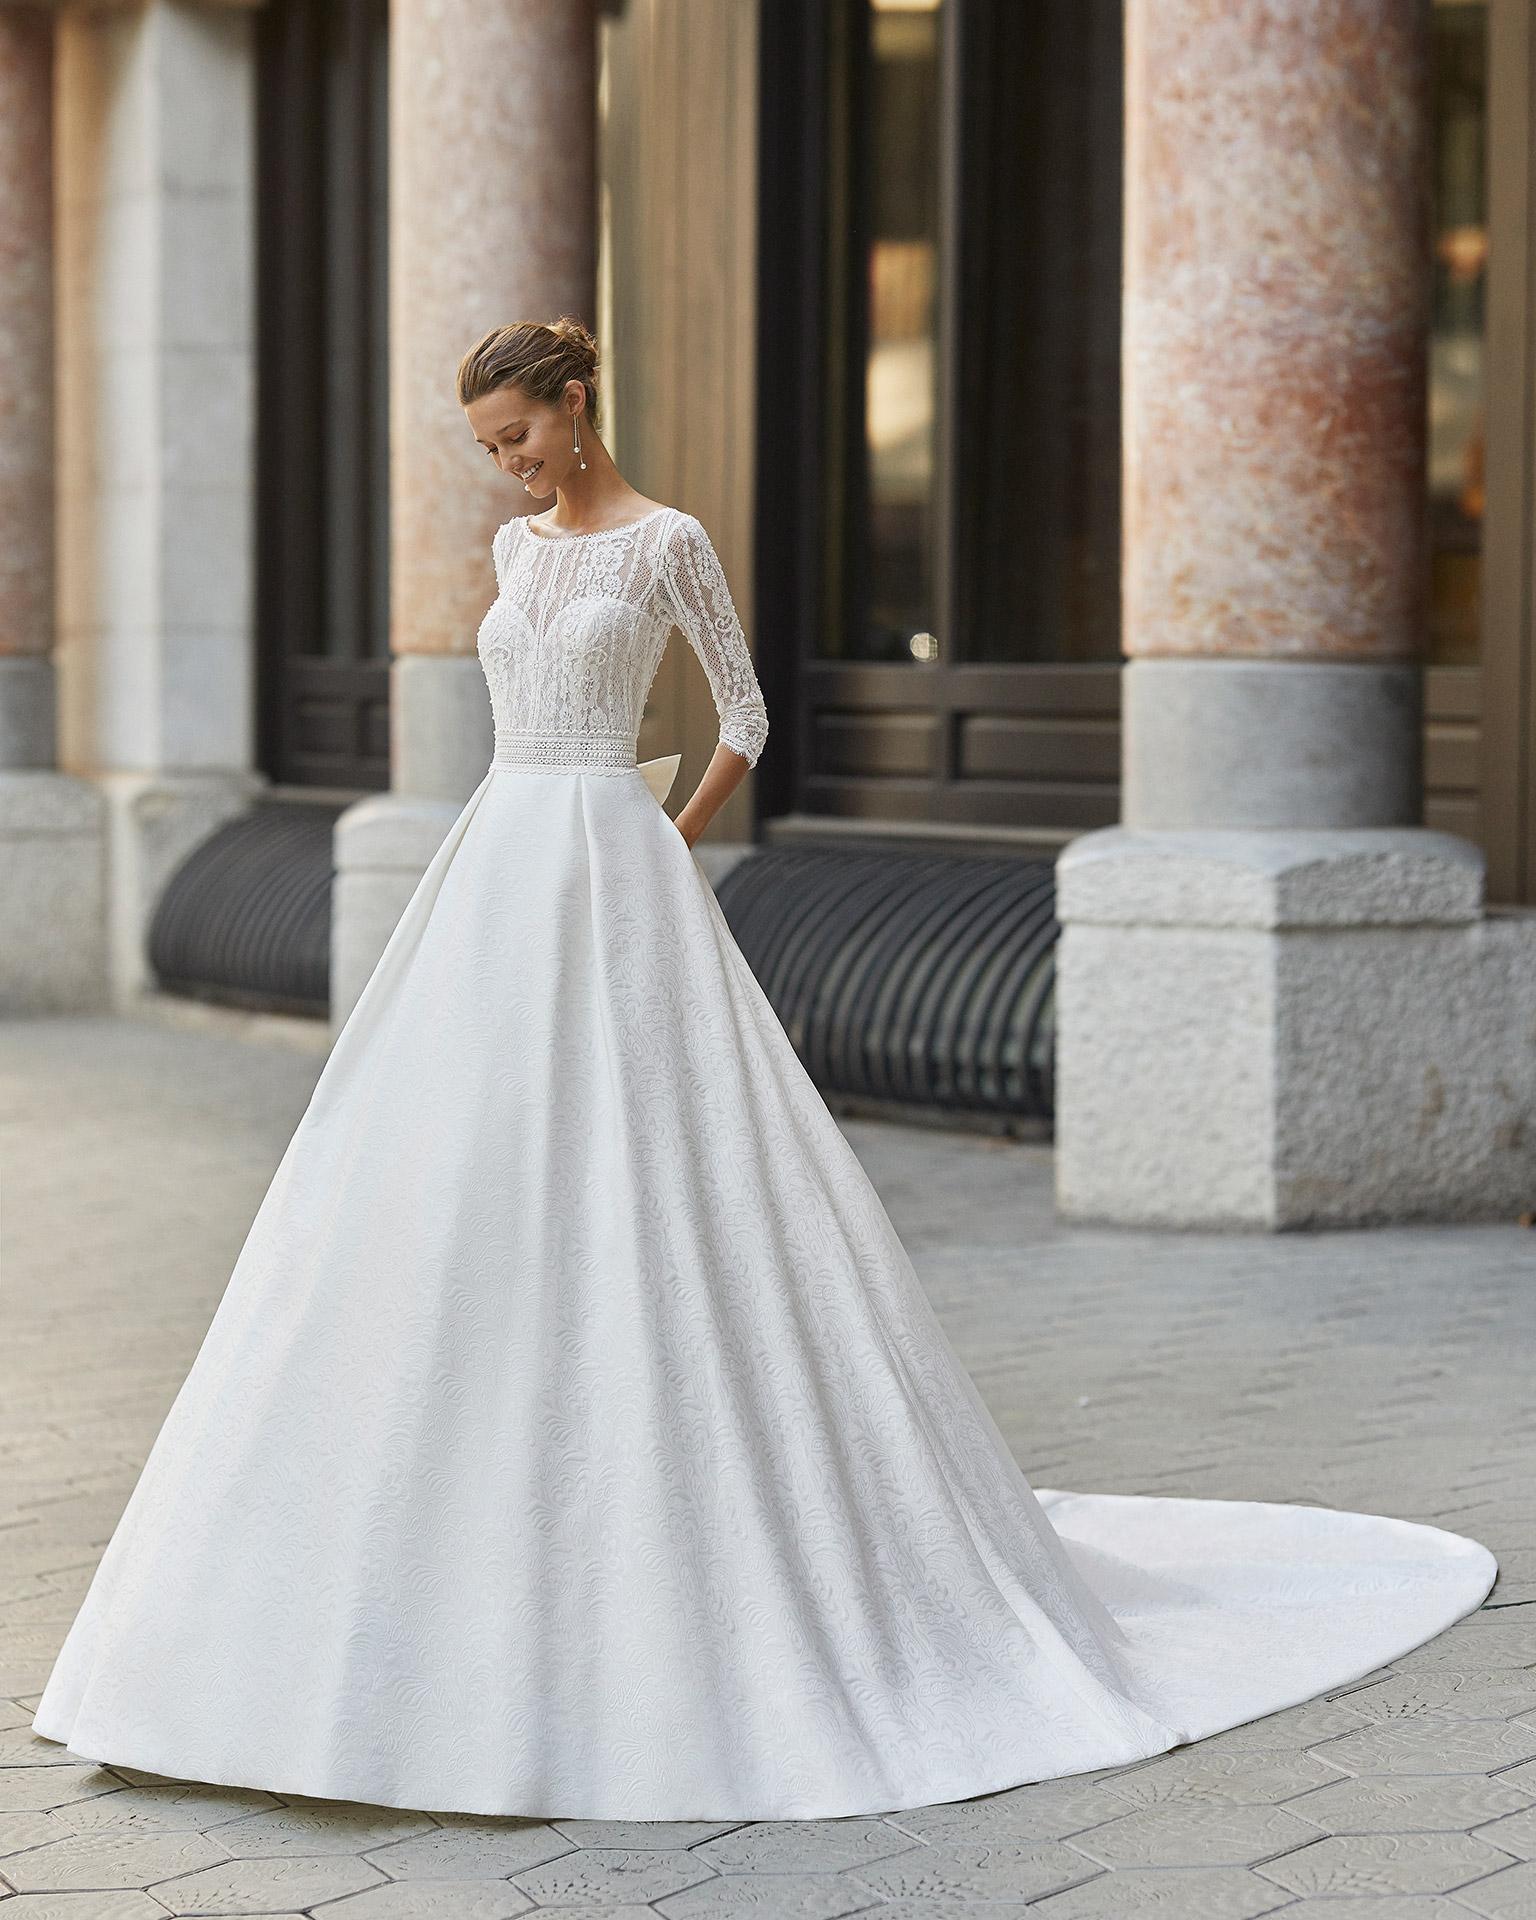 Vestido de novia de estilo clásico, brocado, encaje y pedrería. Escote barco y espalda en V con manga 3/4. Colección  2022.